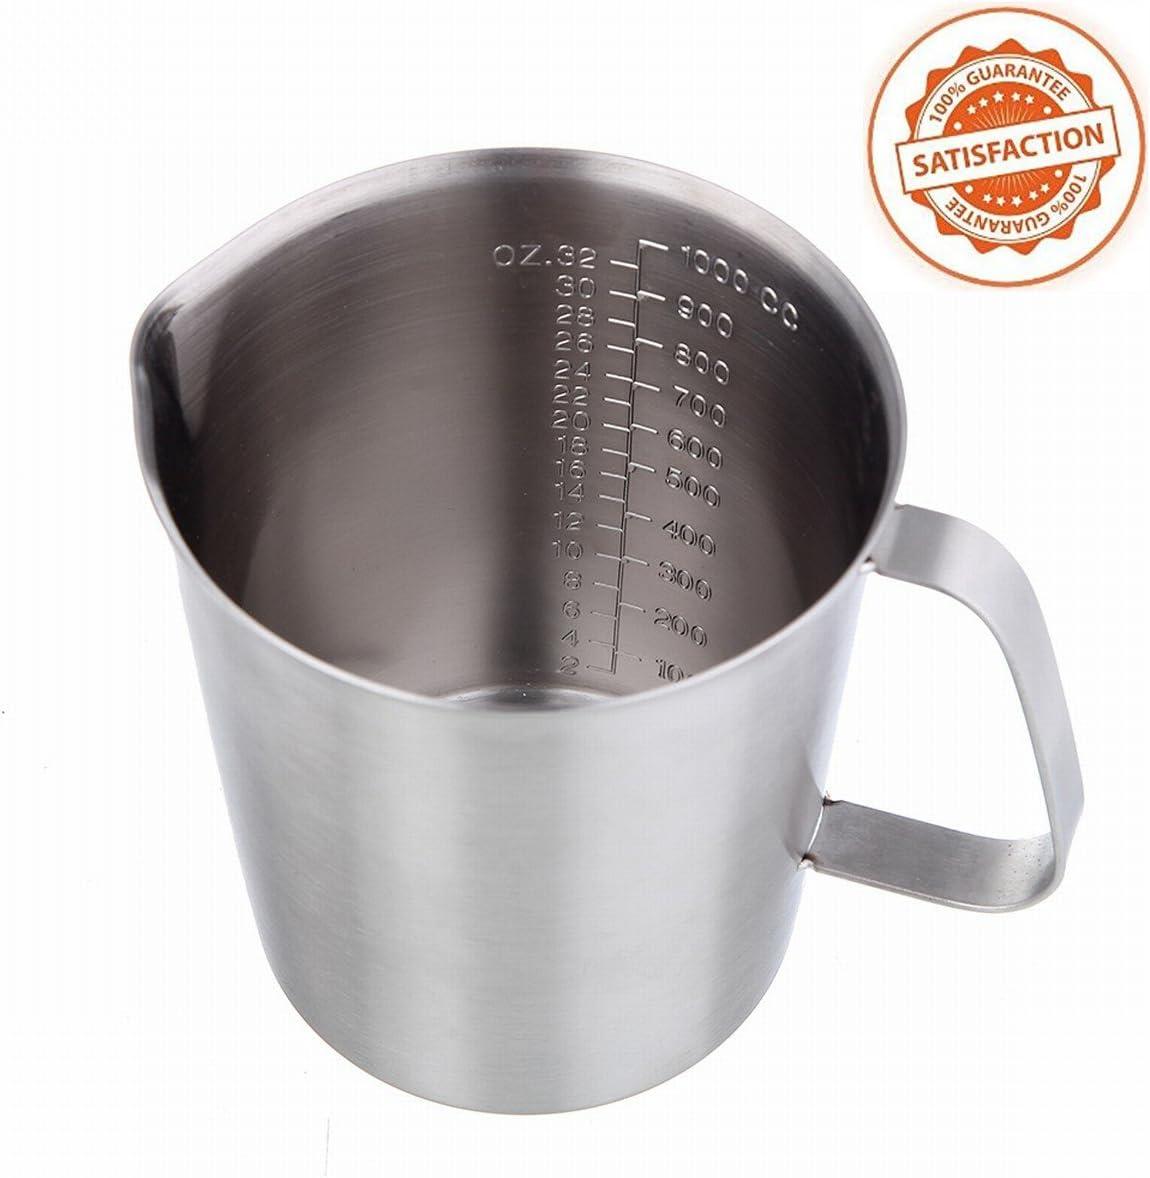 Messbecher Küche Backen Werkzeuge Metall Einfache Lagerung Ersatz Teil Zubehör